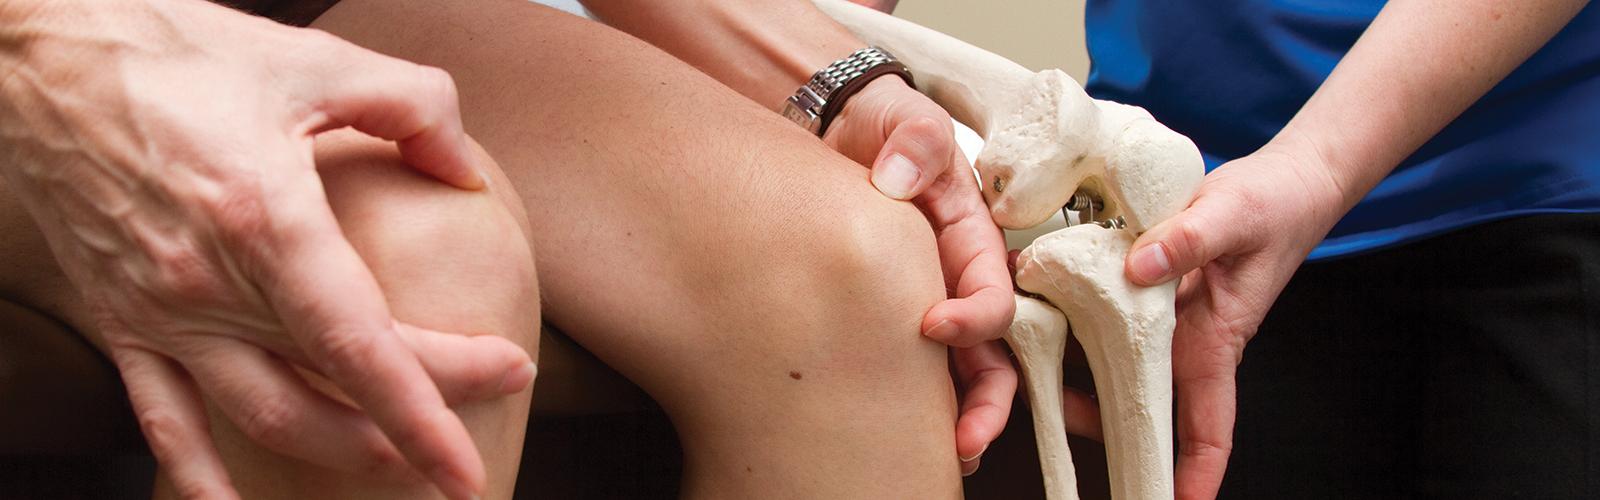 Πρωτόκολλα Φυσικοθεραπευτικής Αποκατάστασης Ασθενών | Καλλιστώ Care